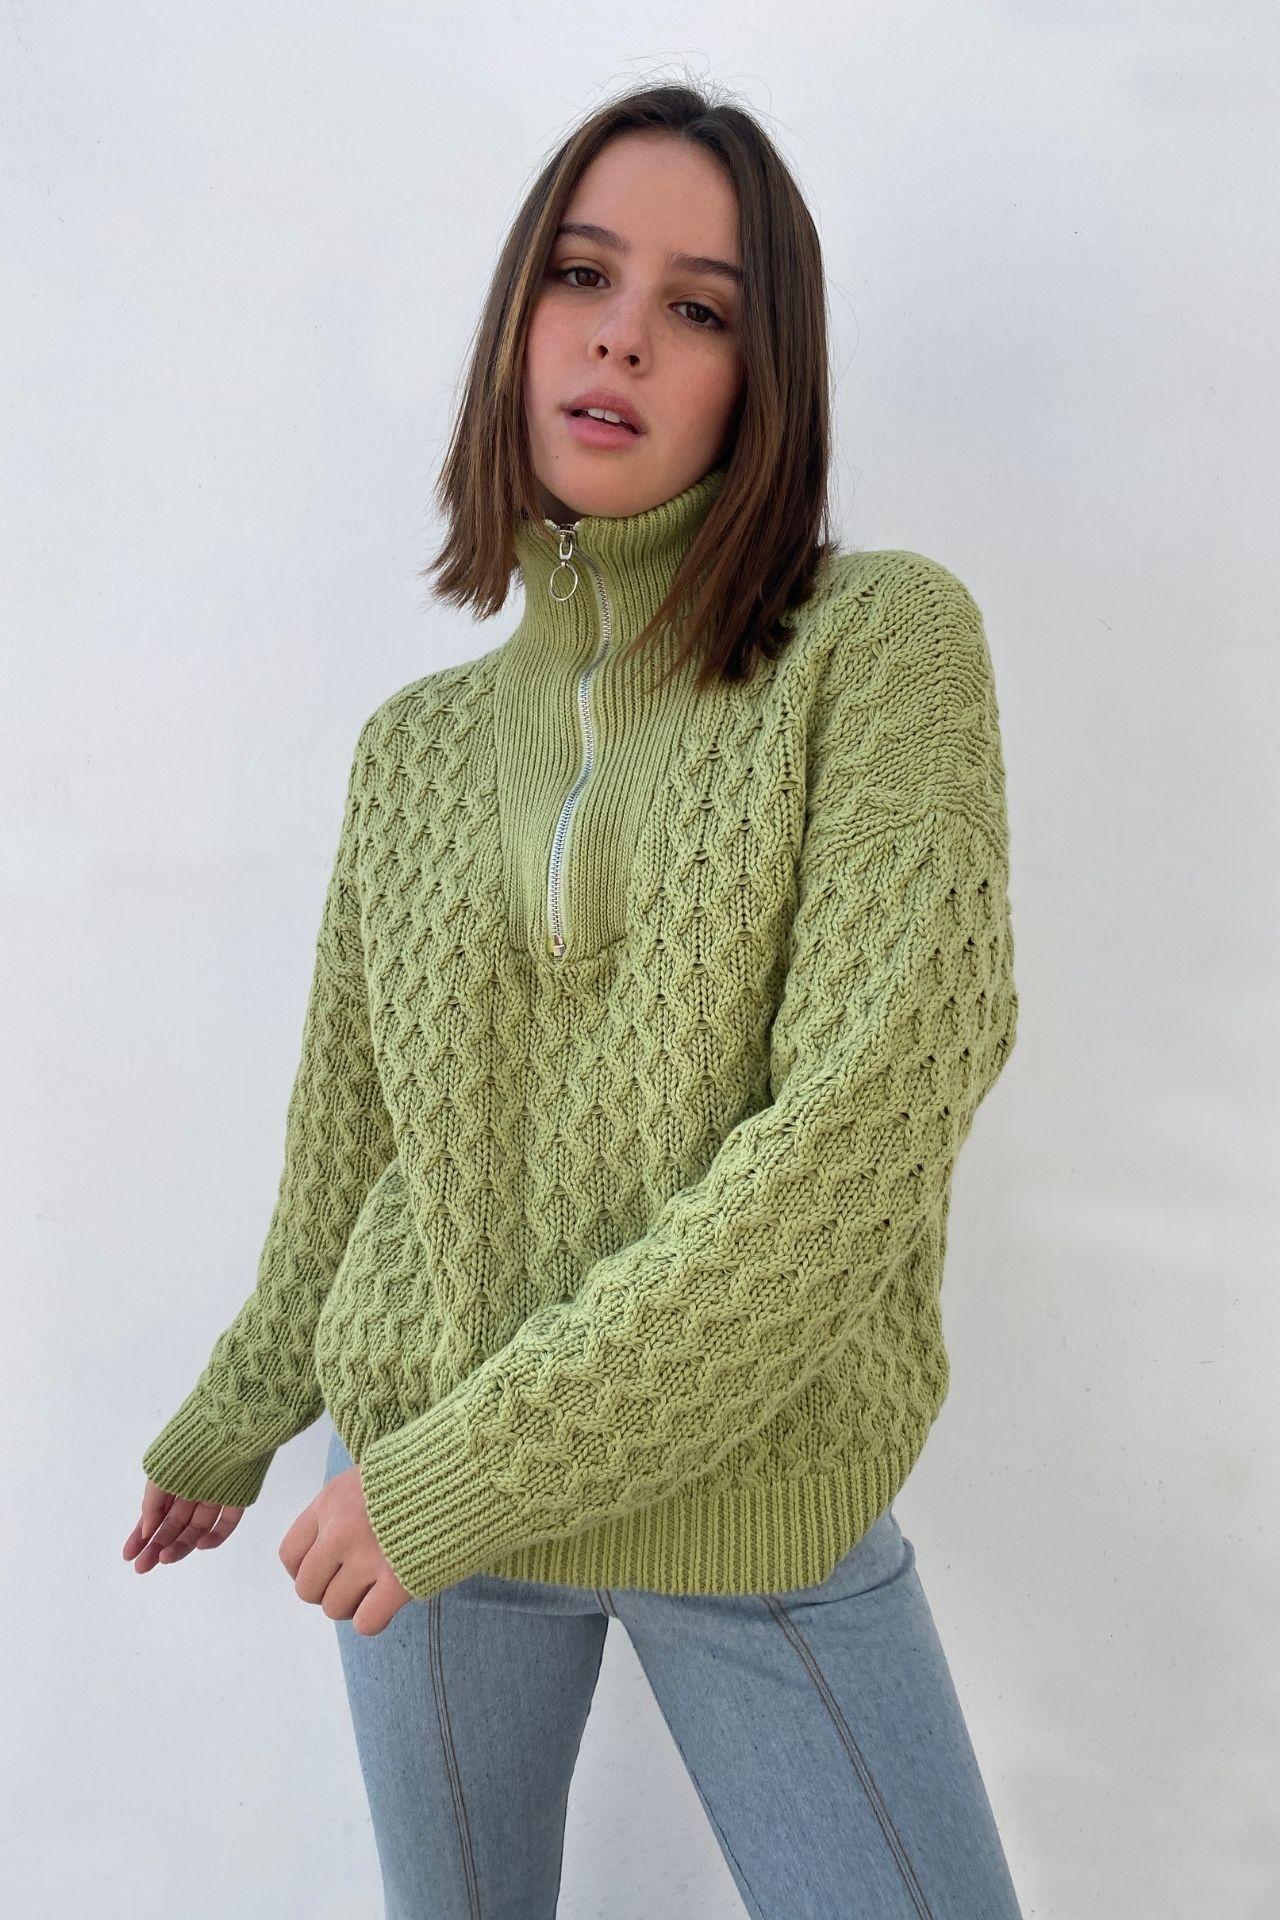 Chompa tejida en 100% algodón peruano.  Cierre metálico y cuello alto. Talla Standard.  Fit Oversize.